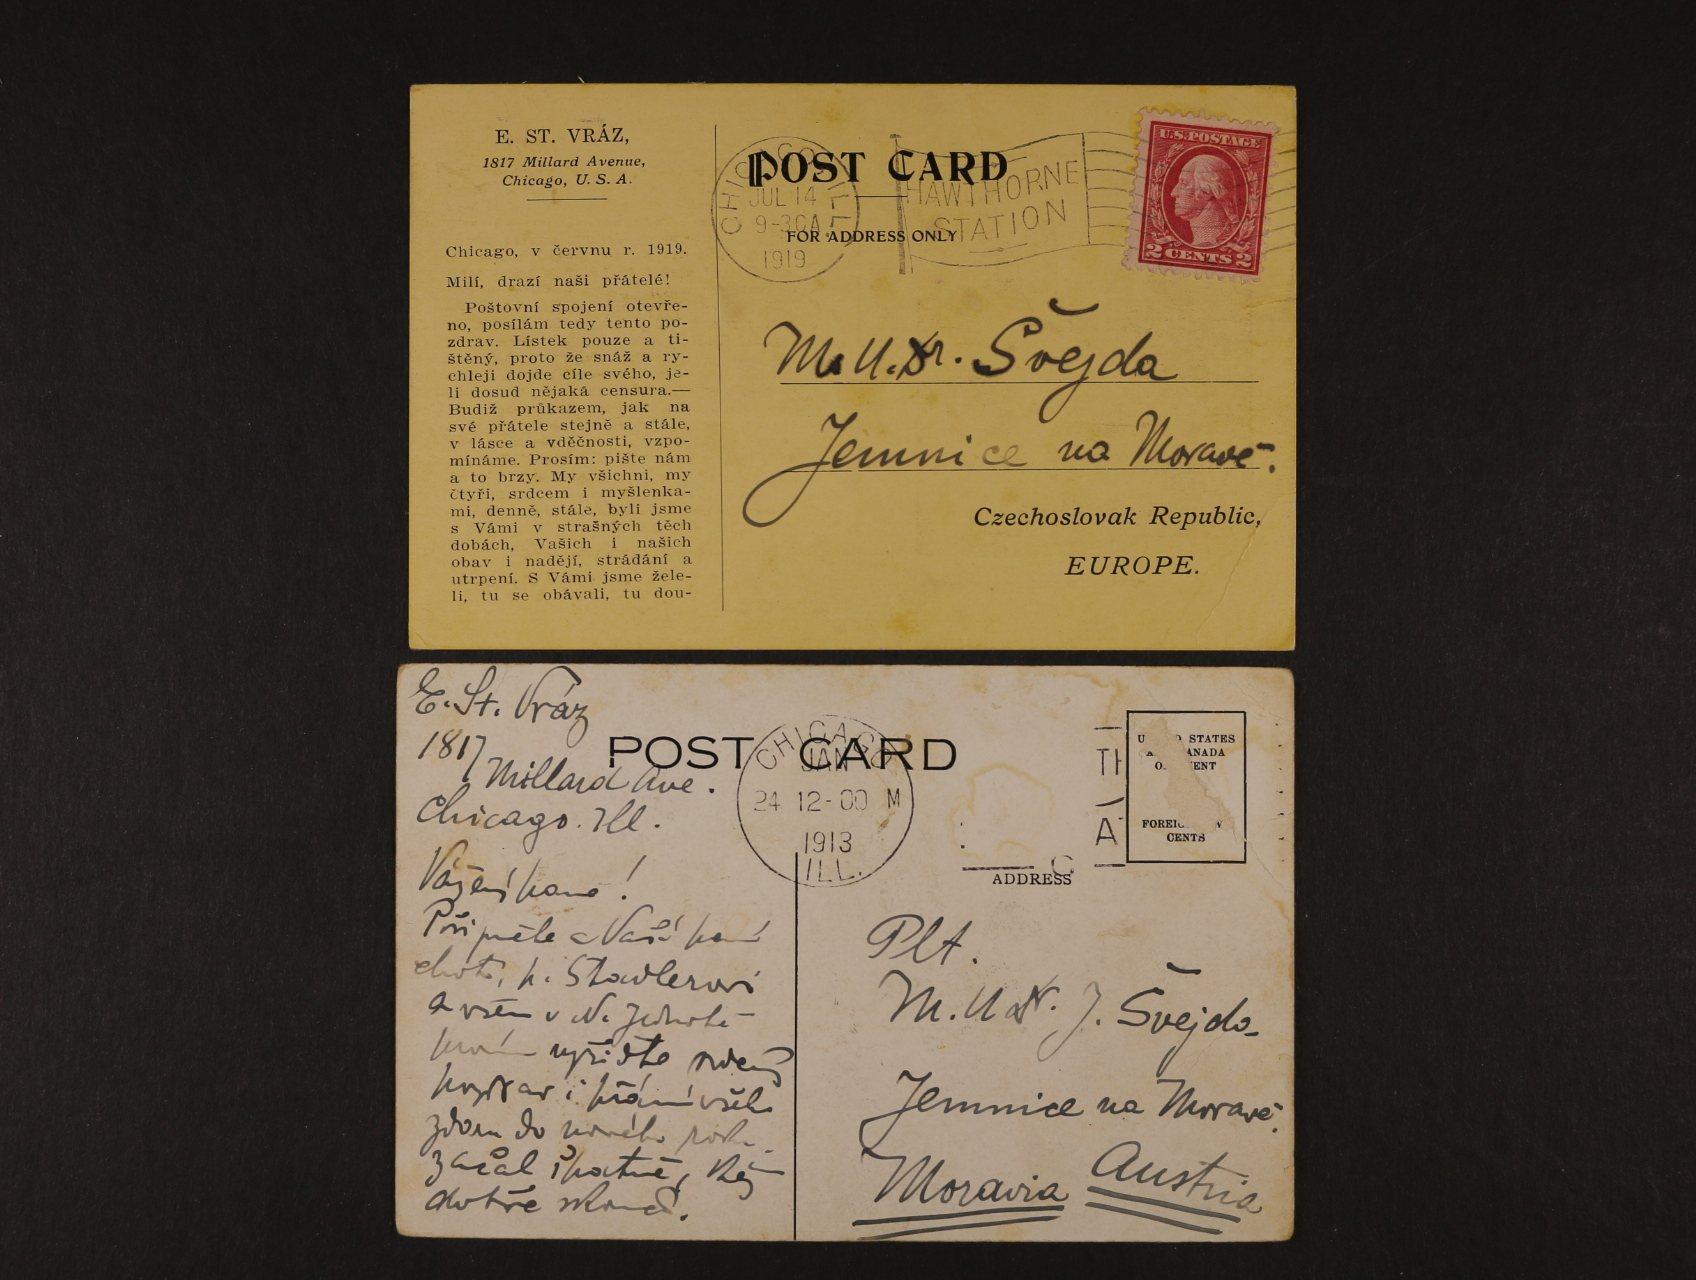 Vráz Enrikue Stanko, 1860 - 1932 - význačný český cestovatel a fotograf - dvě pohlednice s vlastnoručním textem a podpisem z USA na Moravu v r. 1913 a 1919, zajímavé